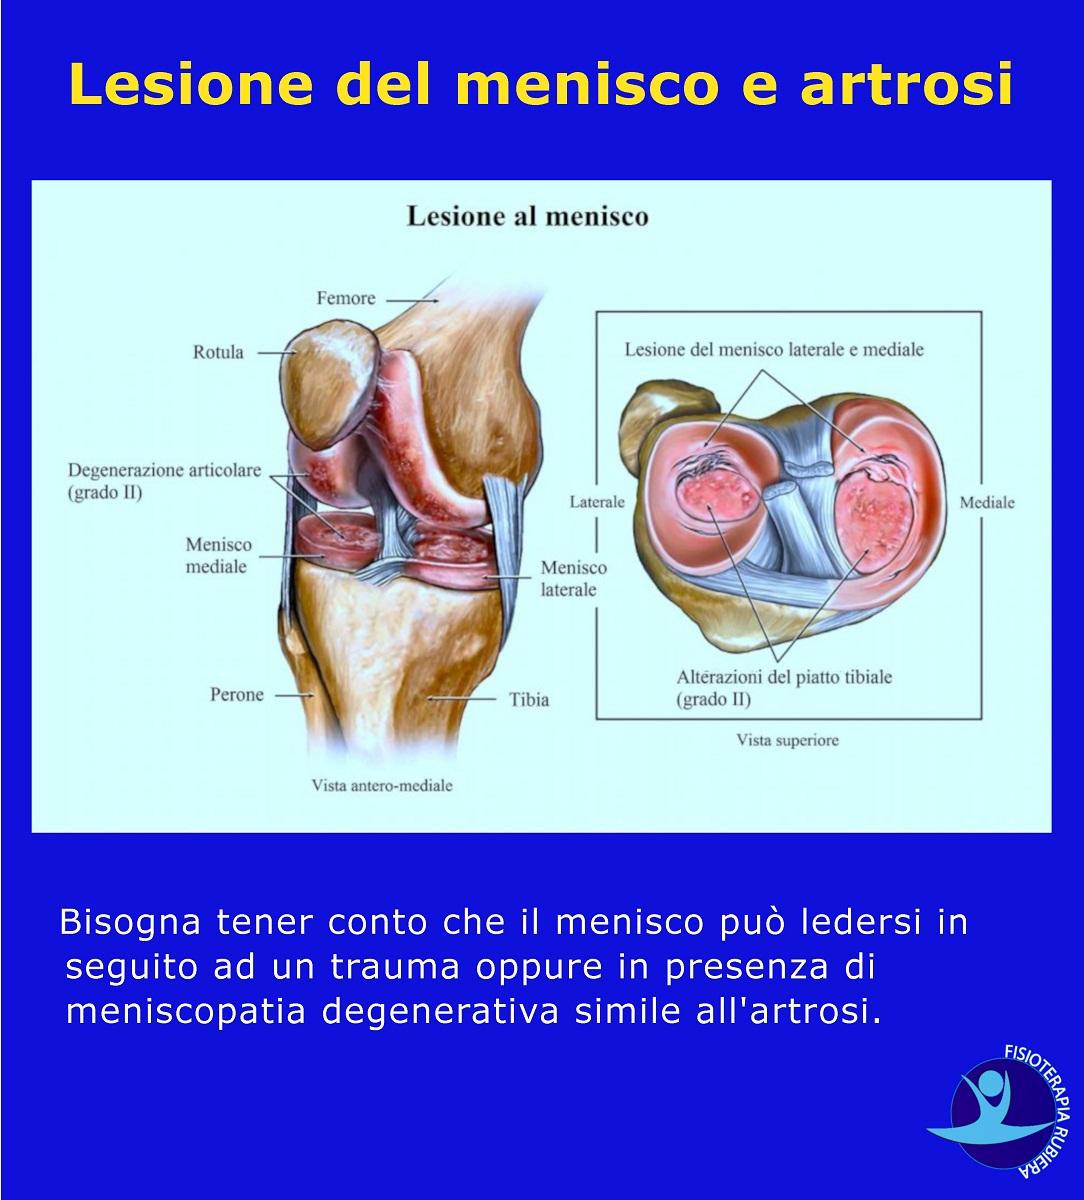 Lesione del menisco e artrosi